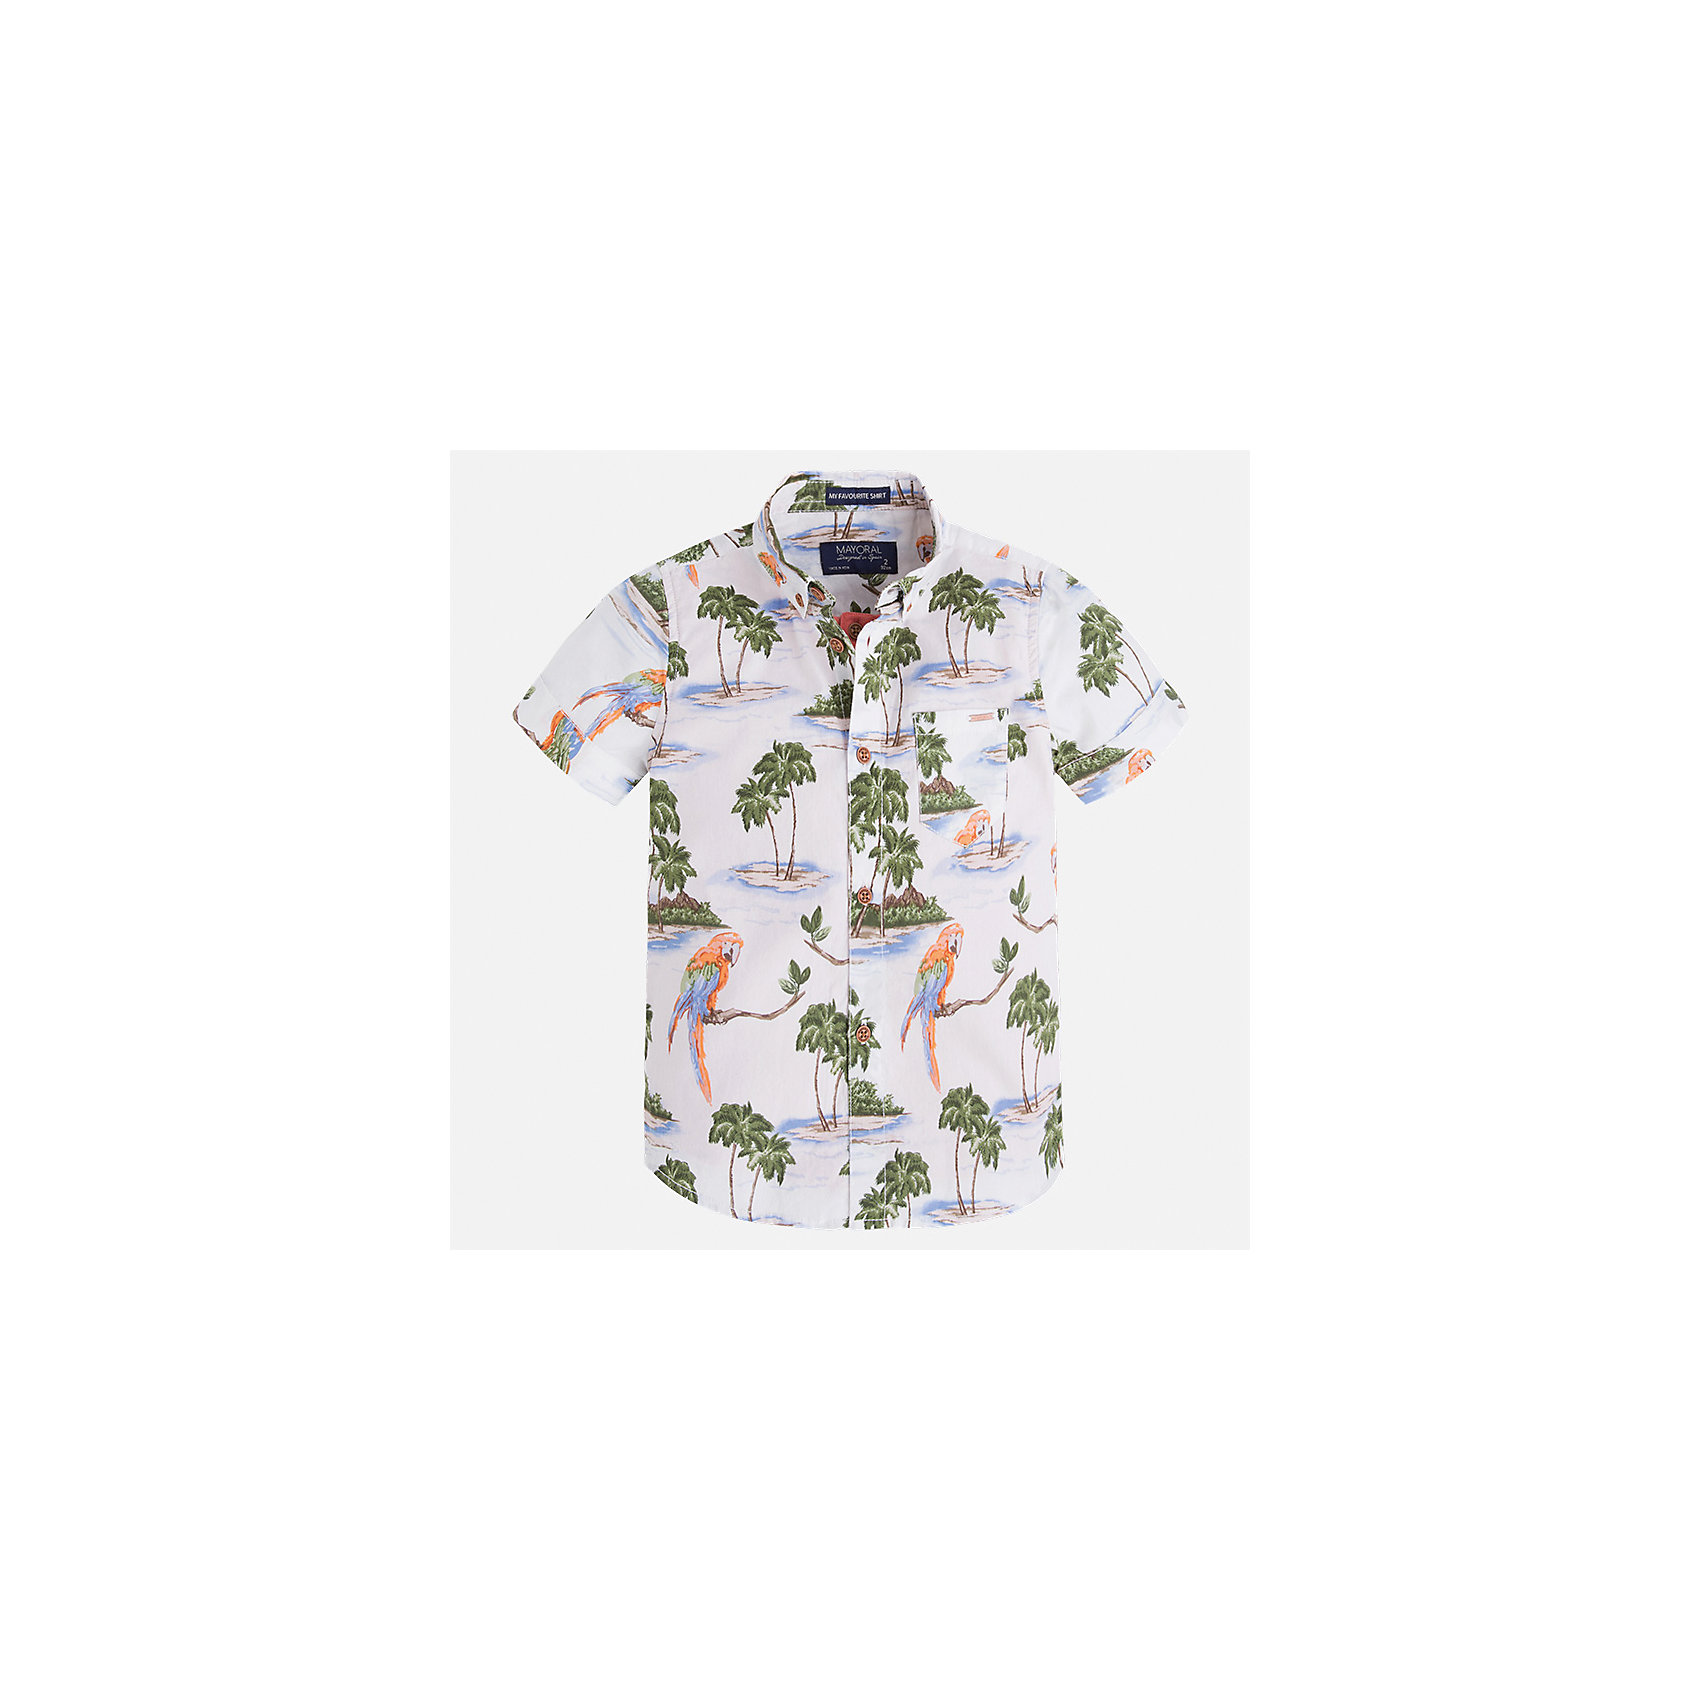 Рубашка для мальчика MayoralБлузки и рубашки<br>Характеристики товара:<br><br>• цвет: белый принт<br>• состав: 100% хлопок<br>• отложной воротник<br>• короткие рукава<br>• застежка: пуговицы<br>• карман на груди<br>• страна бренда: Испания<br><br>Стильная рубашка для мальчика может стать базовой вещью в гардеробе ребенка. Она отлично сочетается с брюками, шортами, джинсами и т.д. Универсальный крой и цвет позволяет подобрать к вещи низ разных расцветок. Практичное и стильное изделие! В составе материала - только натуральный хлопок, гипоаллергенный, приятный на ощупь, дышащий.<br><br>Одежда, обувь и аксессуары от испанского бренда Mayoral полюбились детям и взрослым по всему миру. Модели этой марки - стильные и удобные. Для их производства используются только безопасные, качественные материалы и фурнитура. Порадуйте ребенка модными и красивыми вещами от Mayoral! <br><br>Рубашку для мальчика от испанского бренда Mayoral (Майорал) можно купить в нашем интернет-магазине.<br><br>Ширина мм: 174<br>Глубина мм: 10<br>Высота мм: 169<br>Вес г: 157<br>Цвет: голубой<br>Возраст от месяцев: 24<br>Возраст до месяцев: 36<br>Пол: Мужской<br>Возраст: Детский<br>Размер: 98,92,134,128,122,116,110,104<br>SKU: 5272297